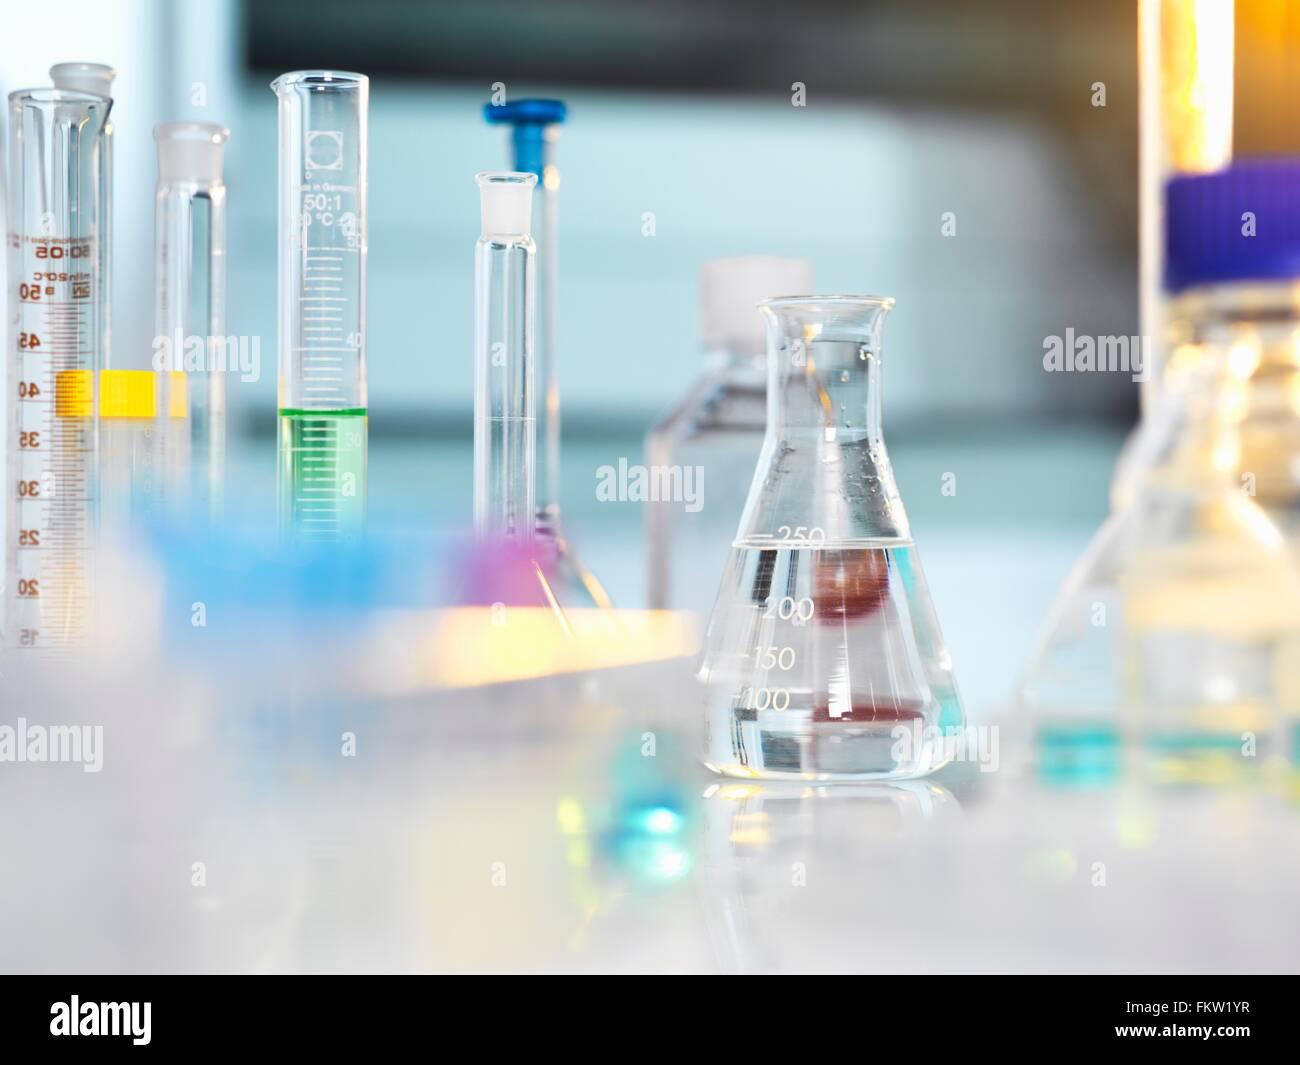 Wissenschaftliche Apparate und Gläser am Labortisch warten auf experiment Stockbild